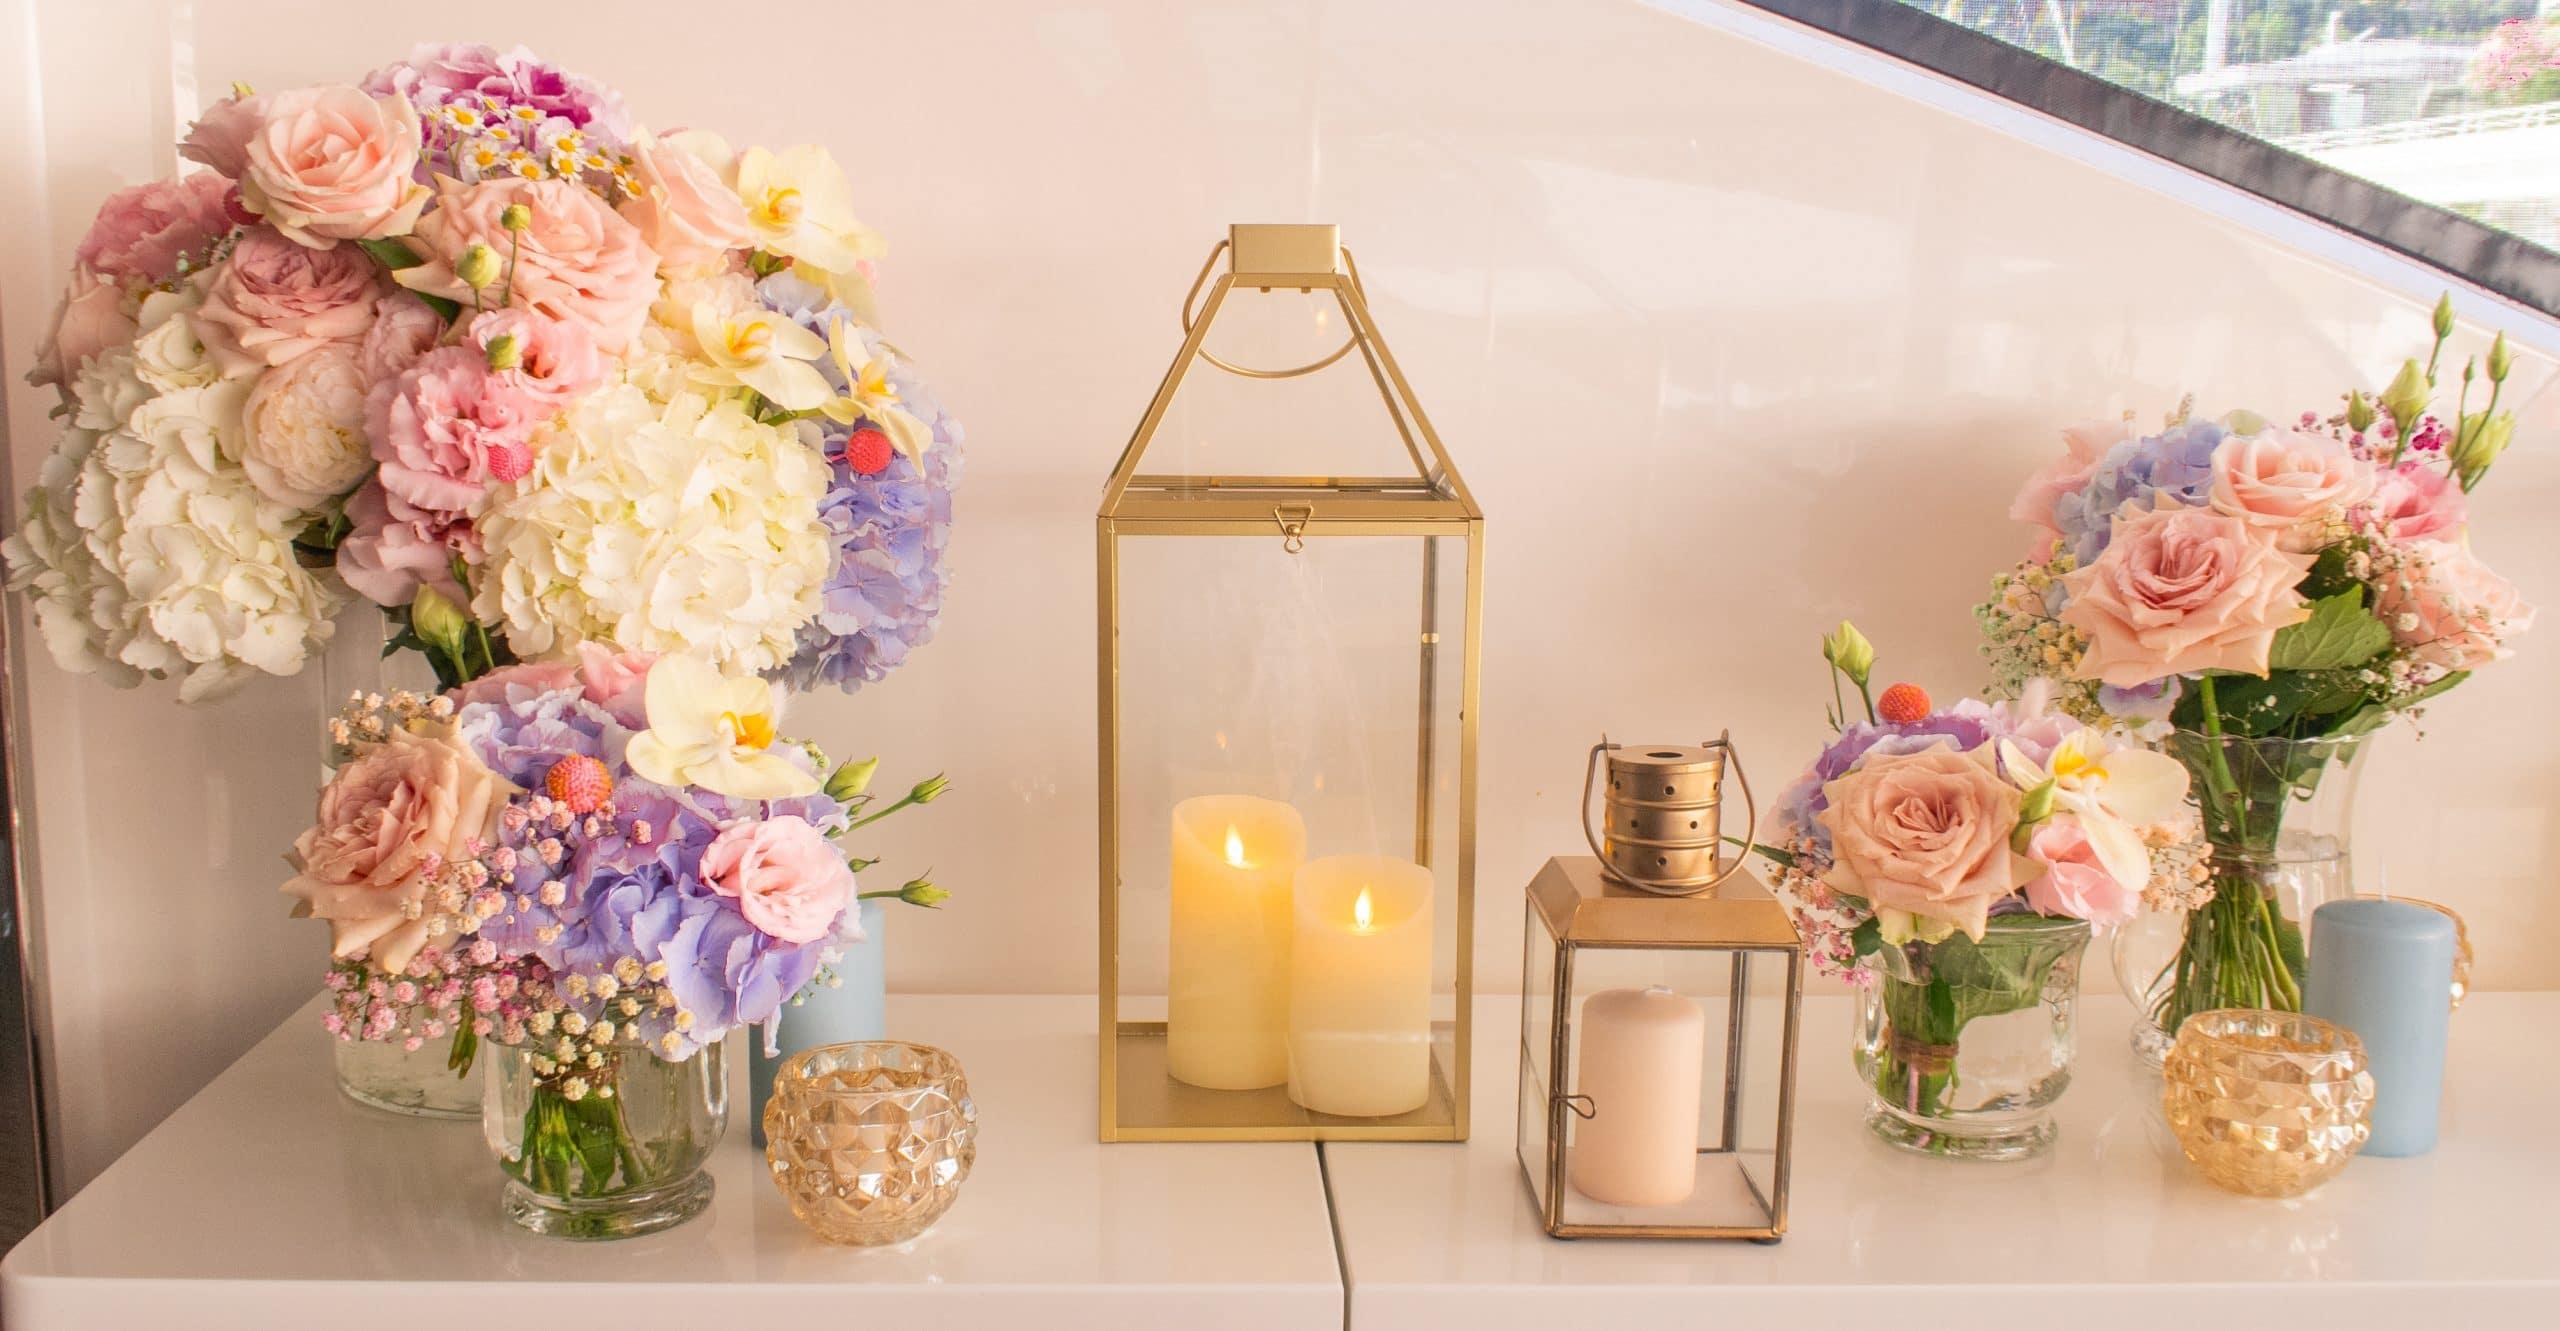 Image bouquet de fleurs fraiches